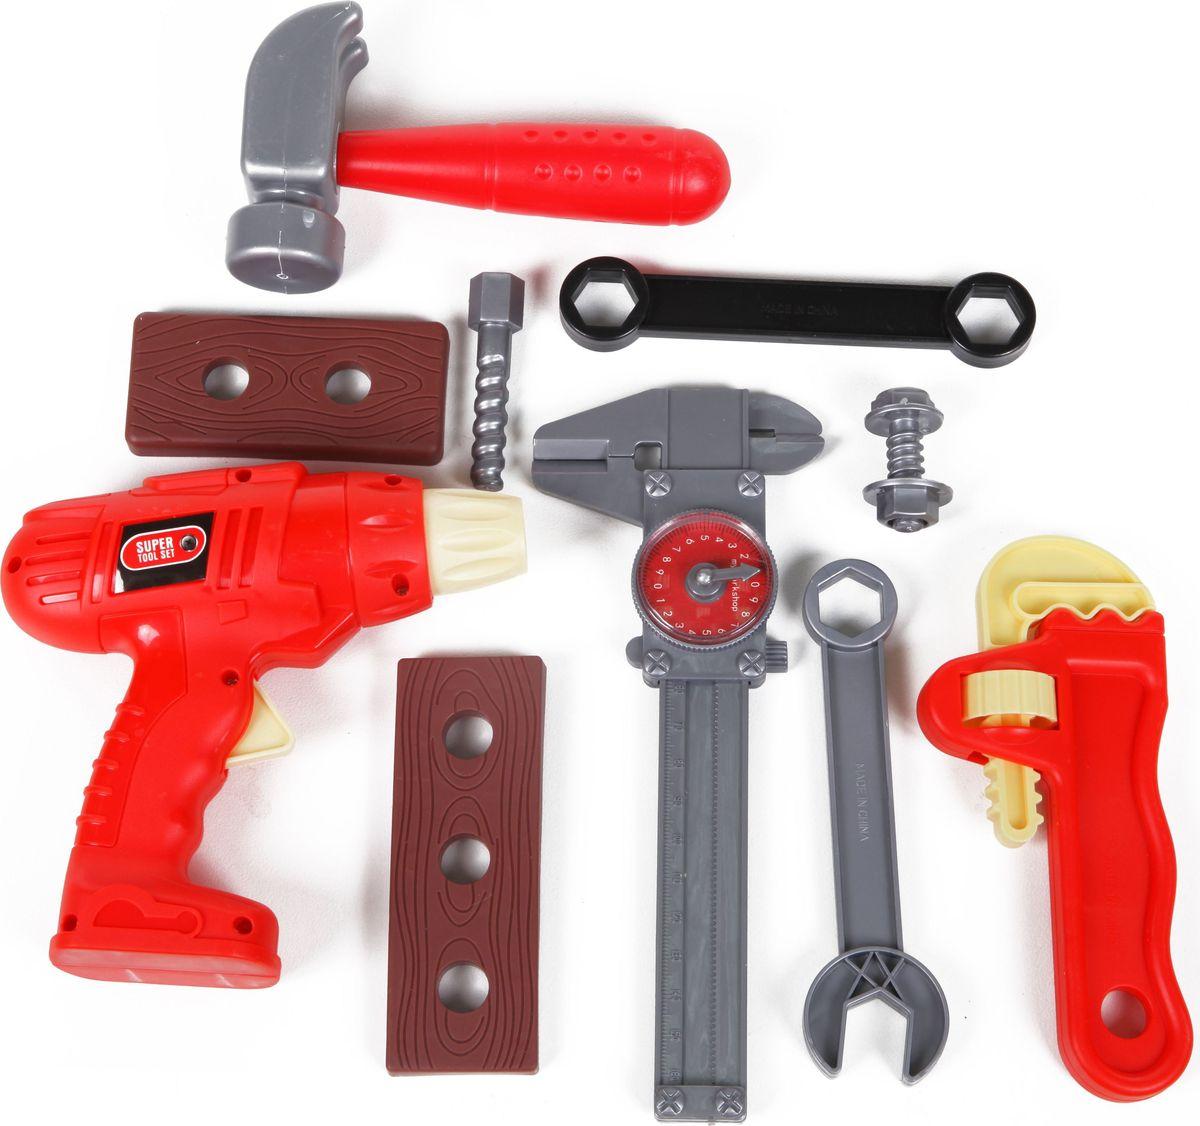 Yako Игрушечный набор маленького строителя Tool Set Y12613033  игрушечные инструменты pilsan инструменты tool set